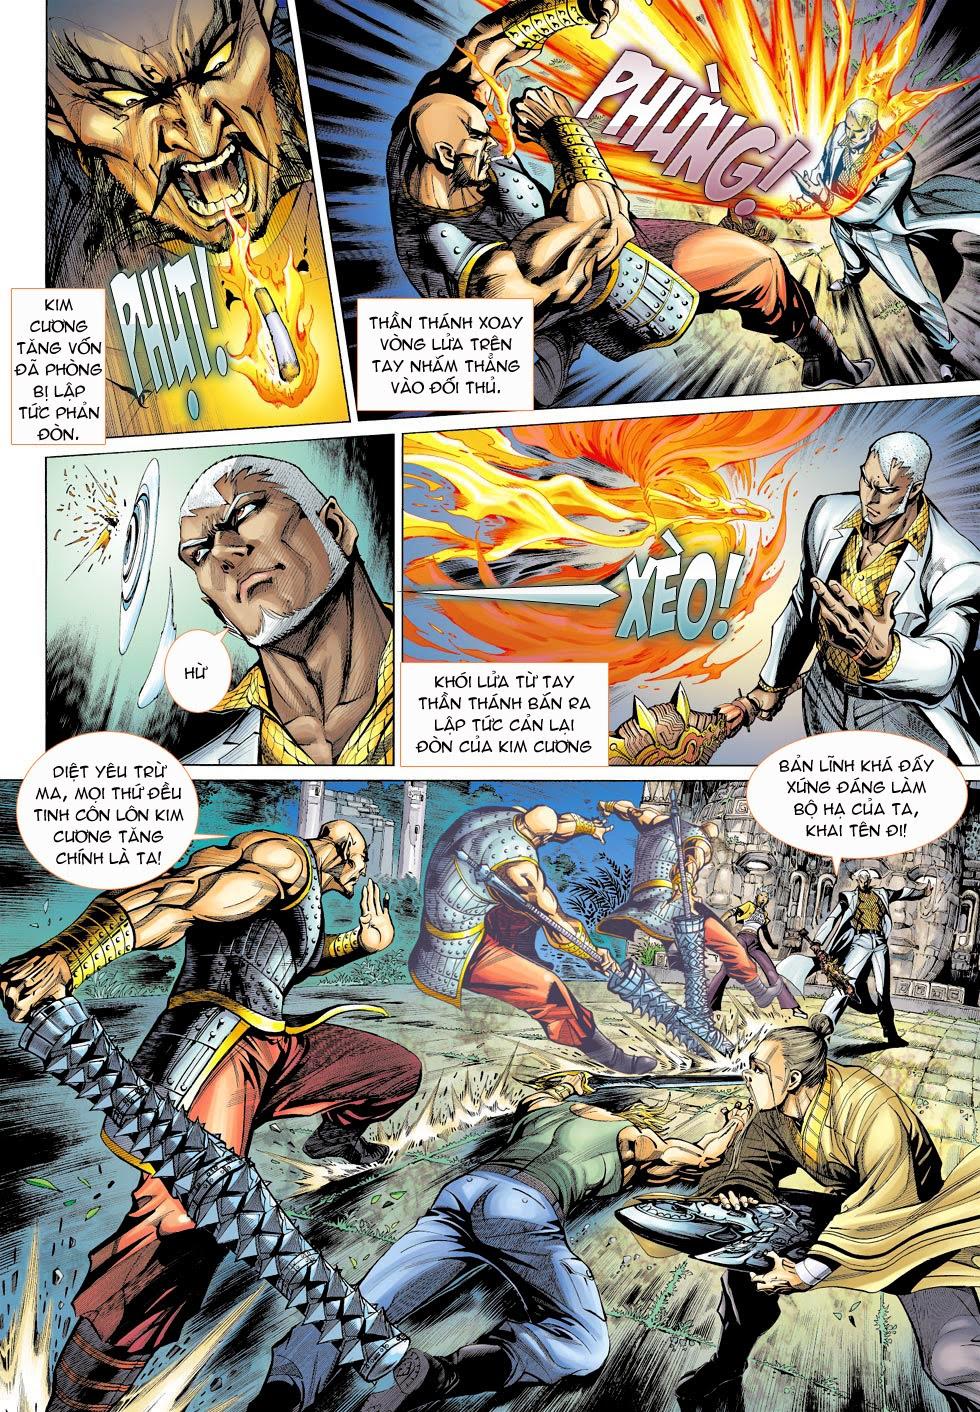 Thần Binh 4 chap 25 - Trang 10